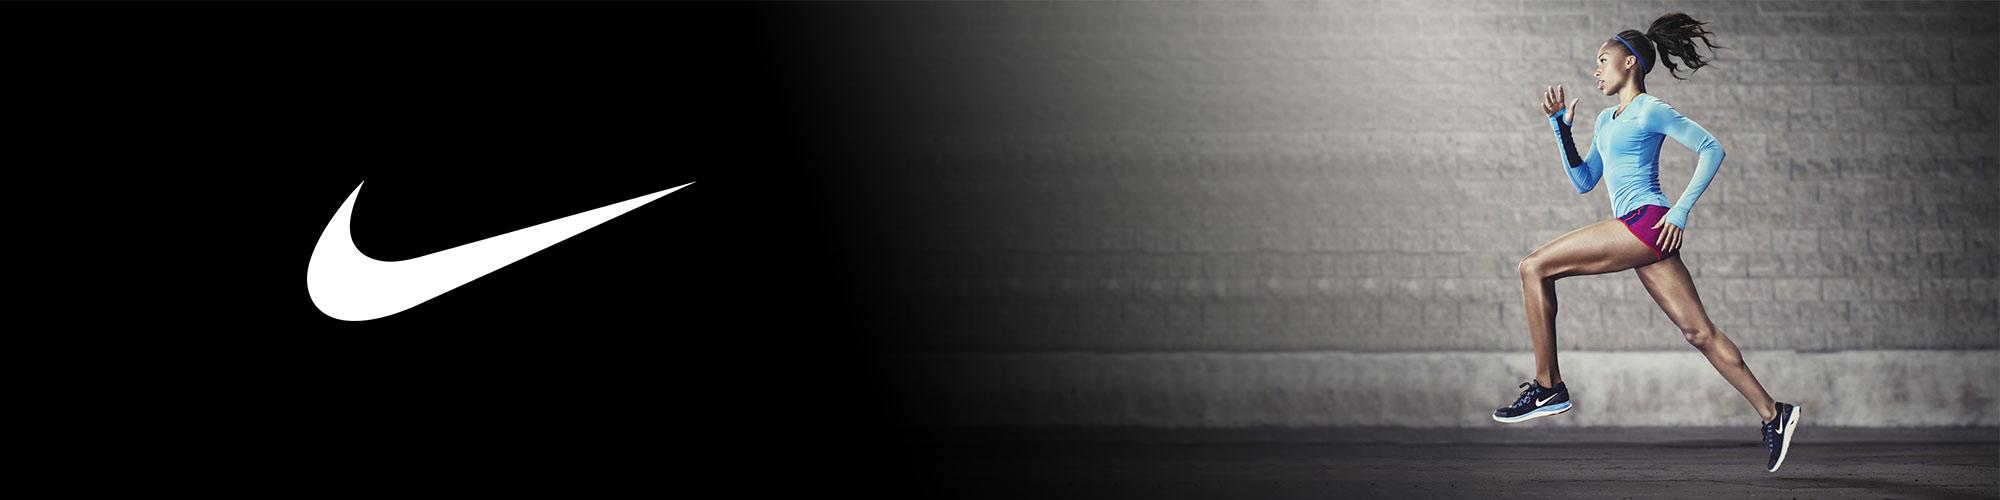 b9ca9b41cf9 Nike tossud, plätud, jalanõud jt müük Eestis | Astri.ee